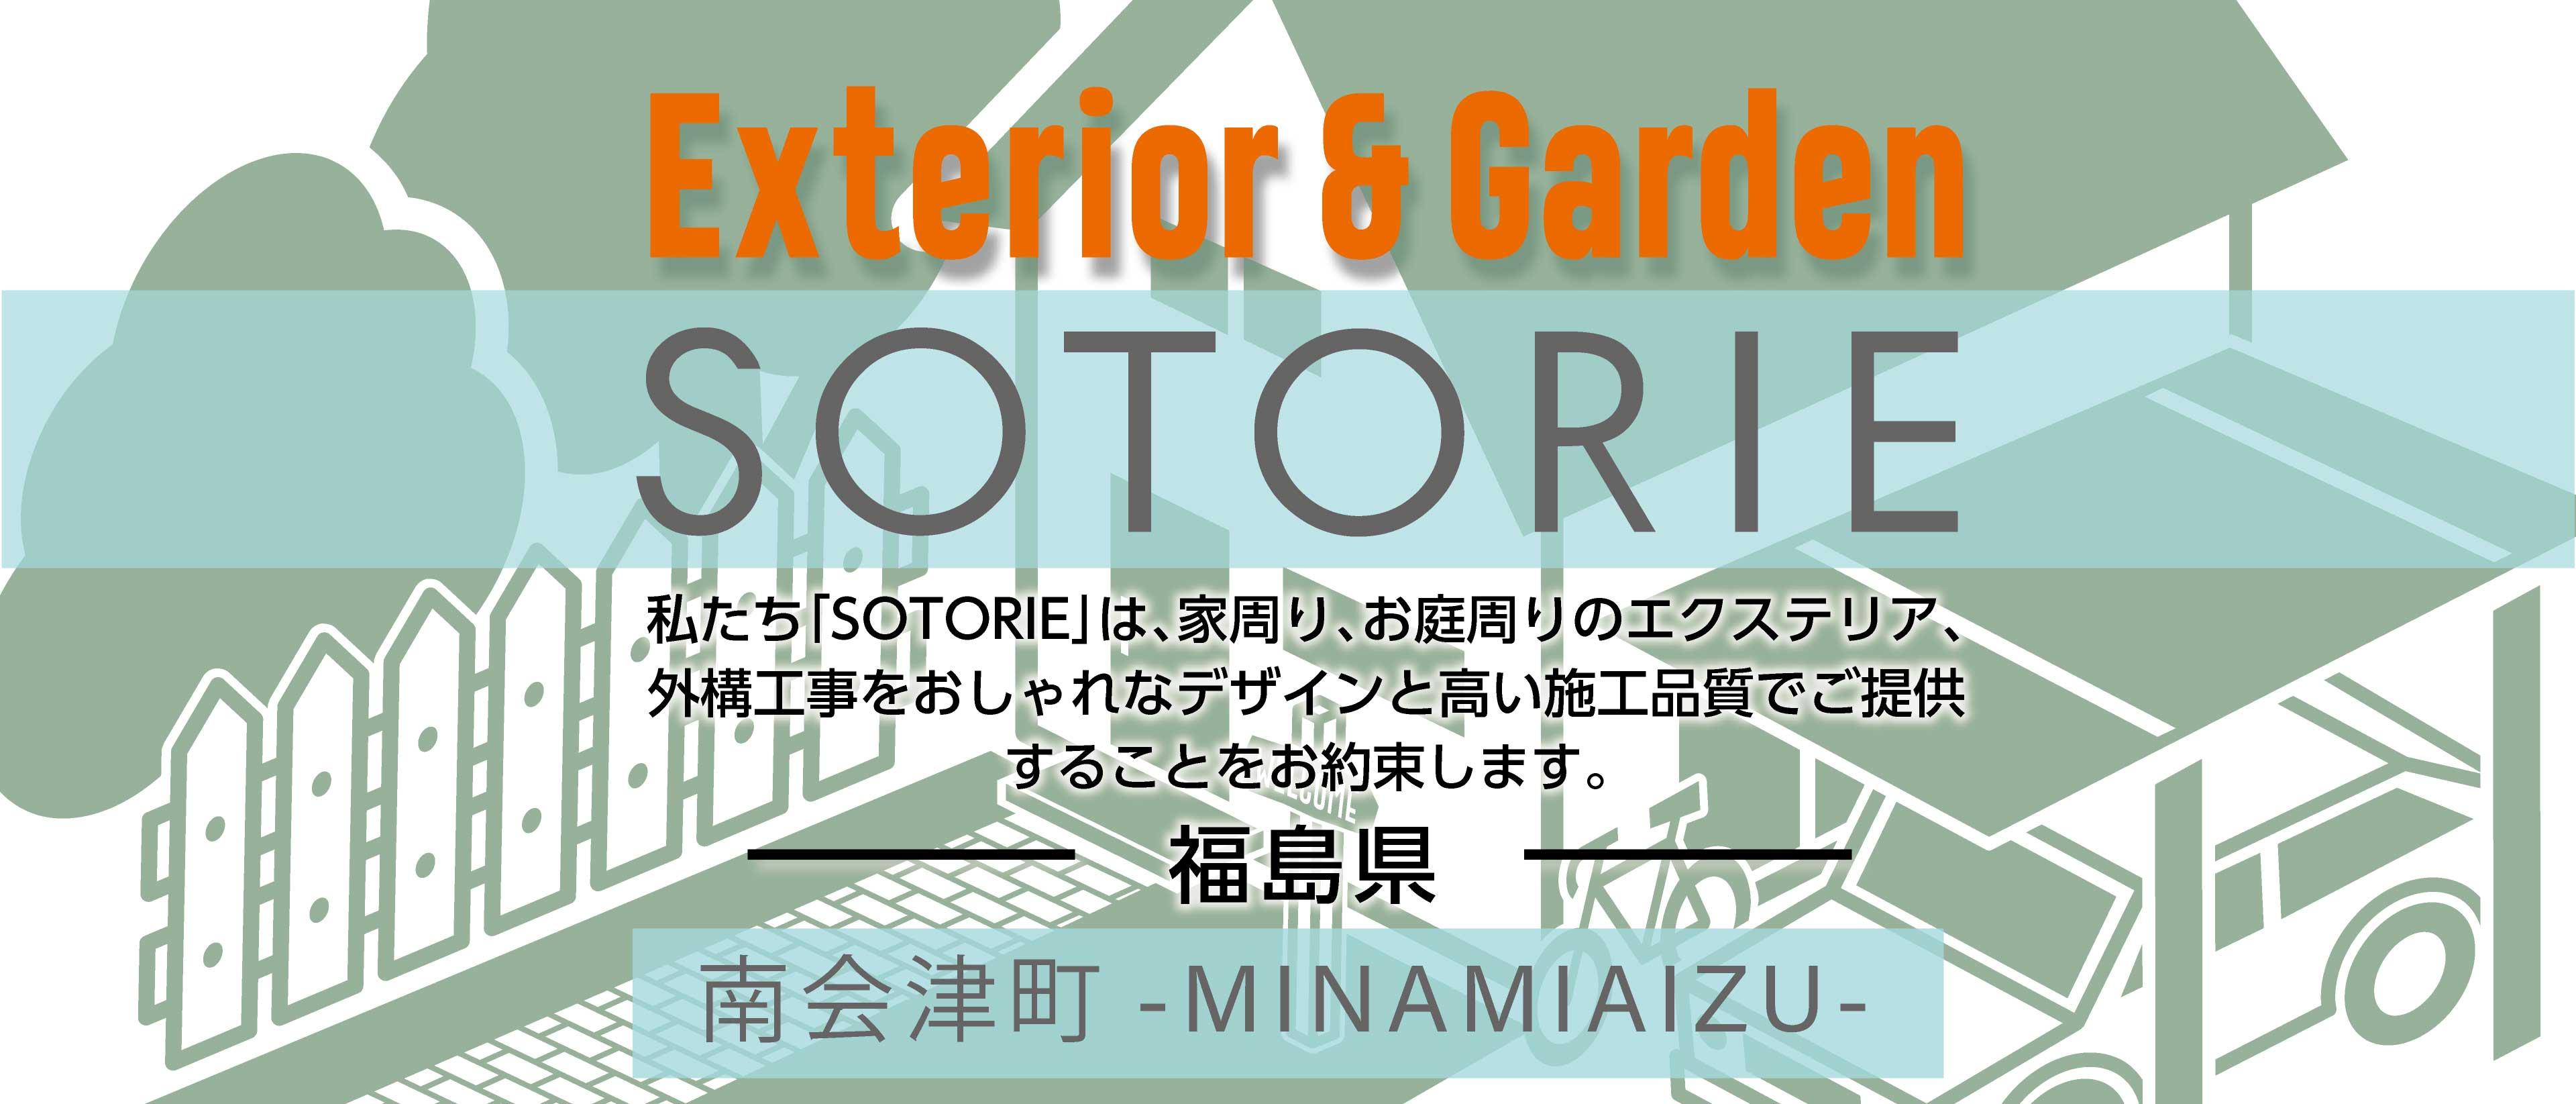 ソトリエ南会津町では、家周りと庭周りの外構、エクステリア工事をおしゃれなデザインと高い施工品質でご提供することをお約束します。